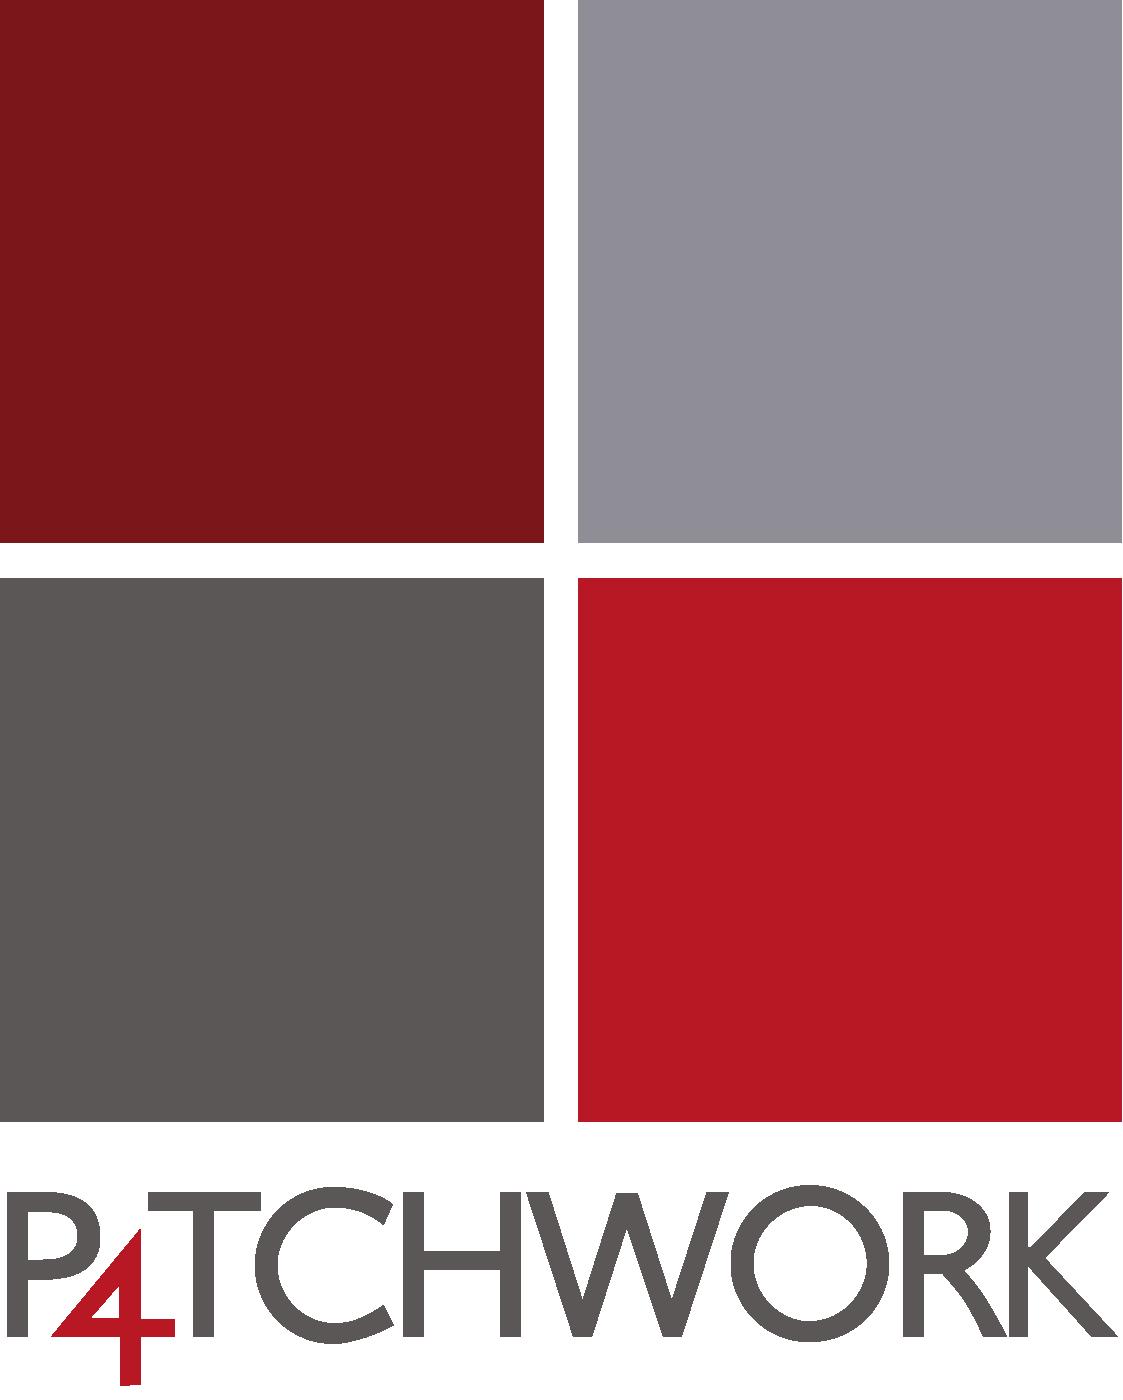 p4tchwork